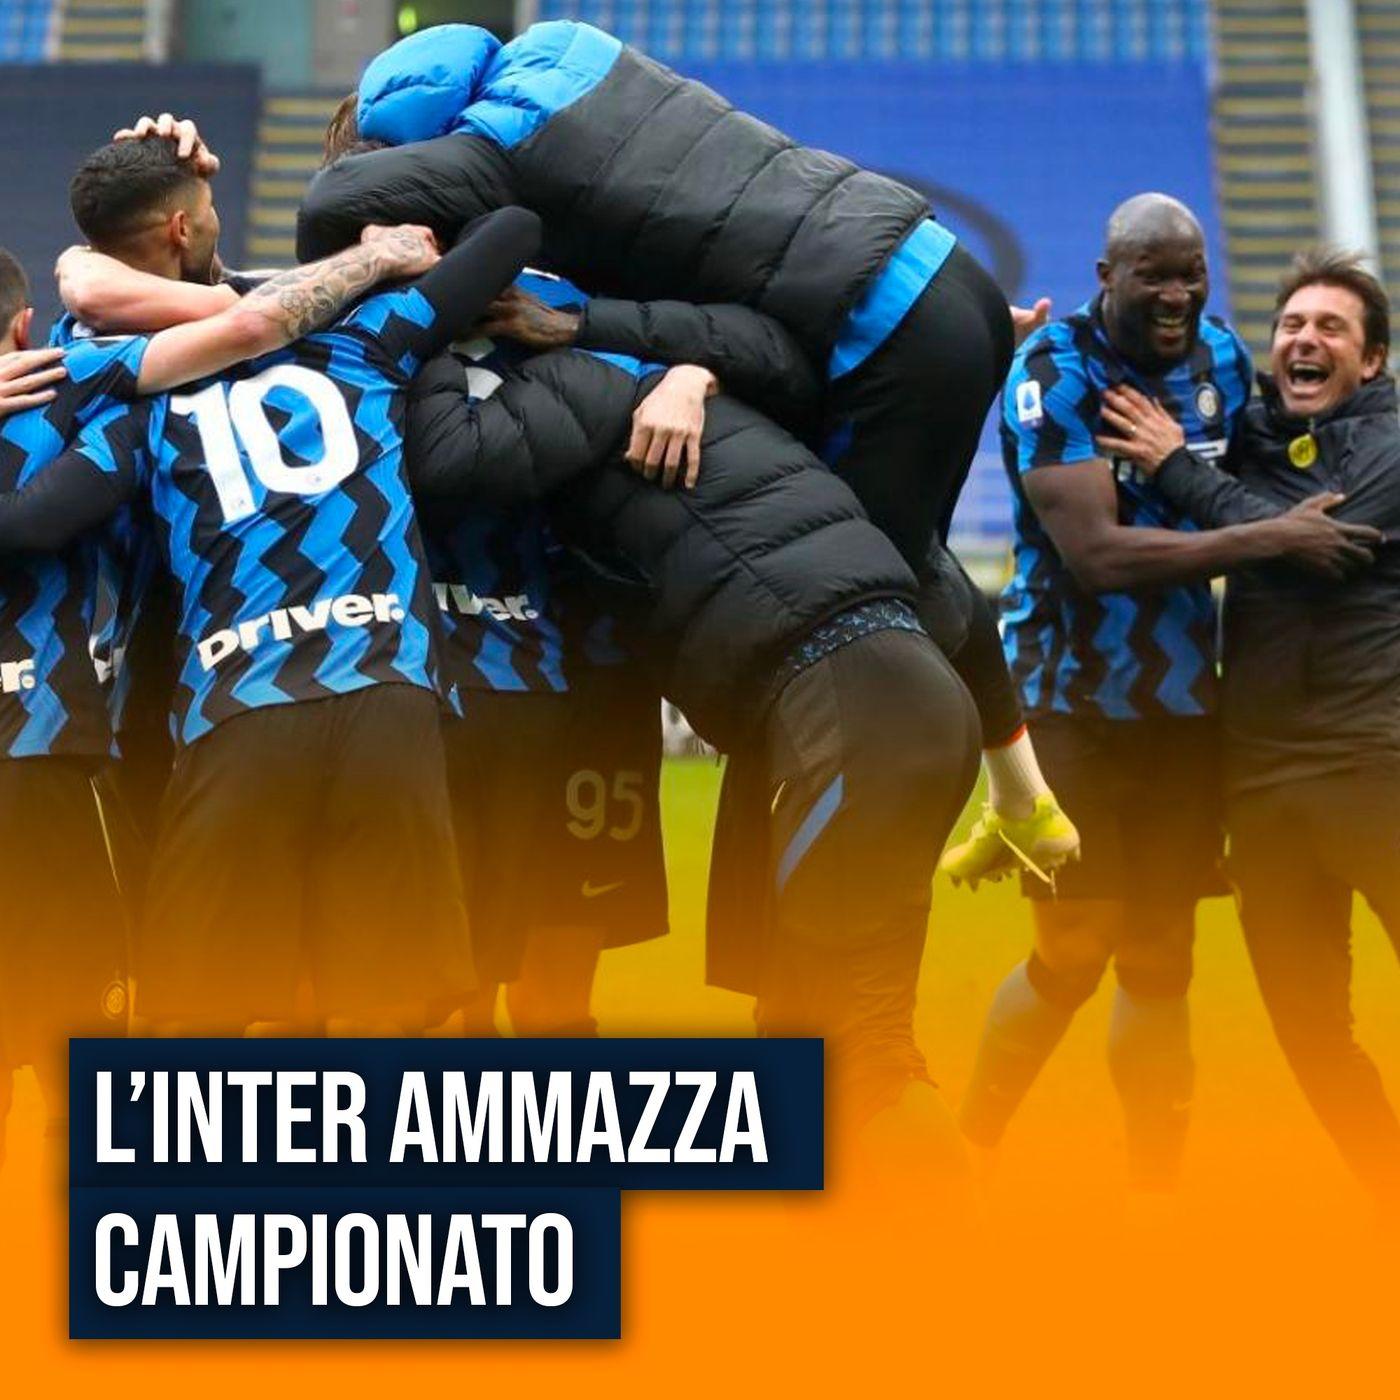 L'Inter ammazza campionato